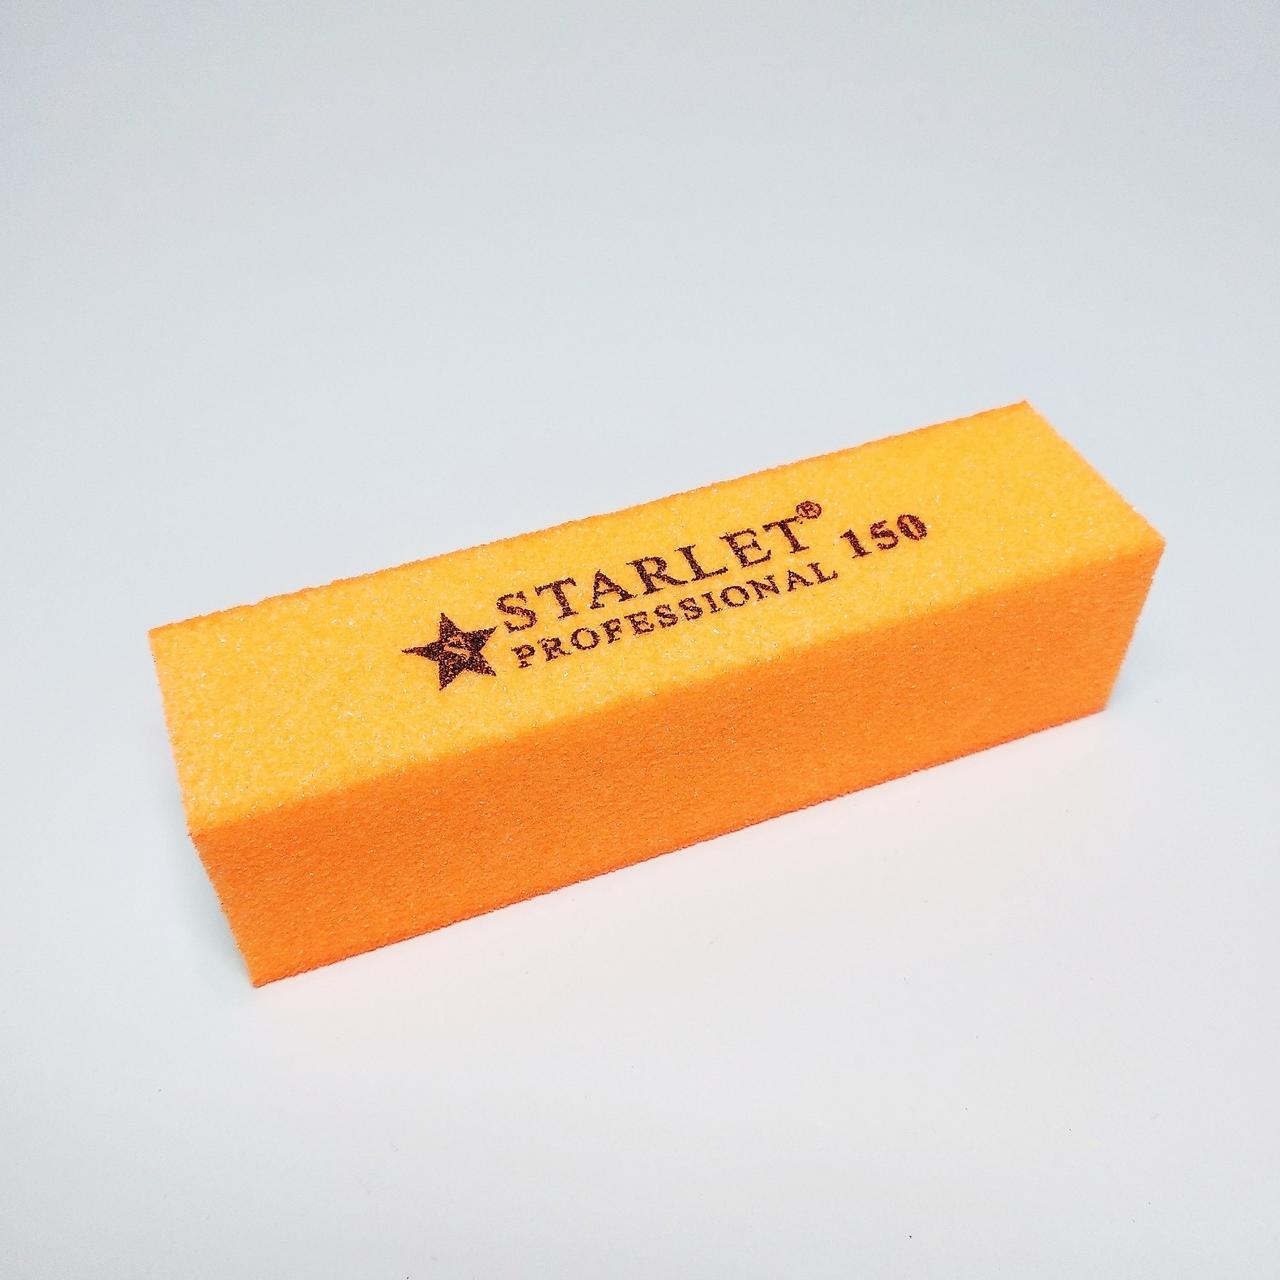 Баф для ногтей Starlet 150 грит